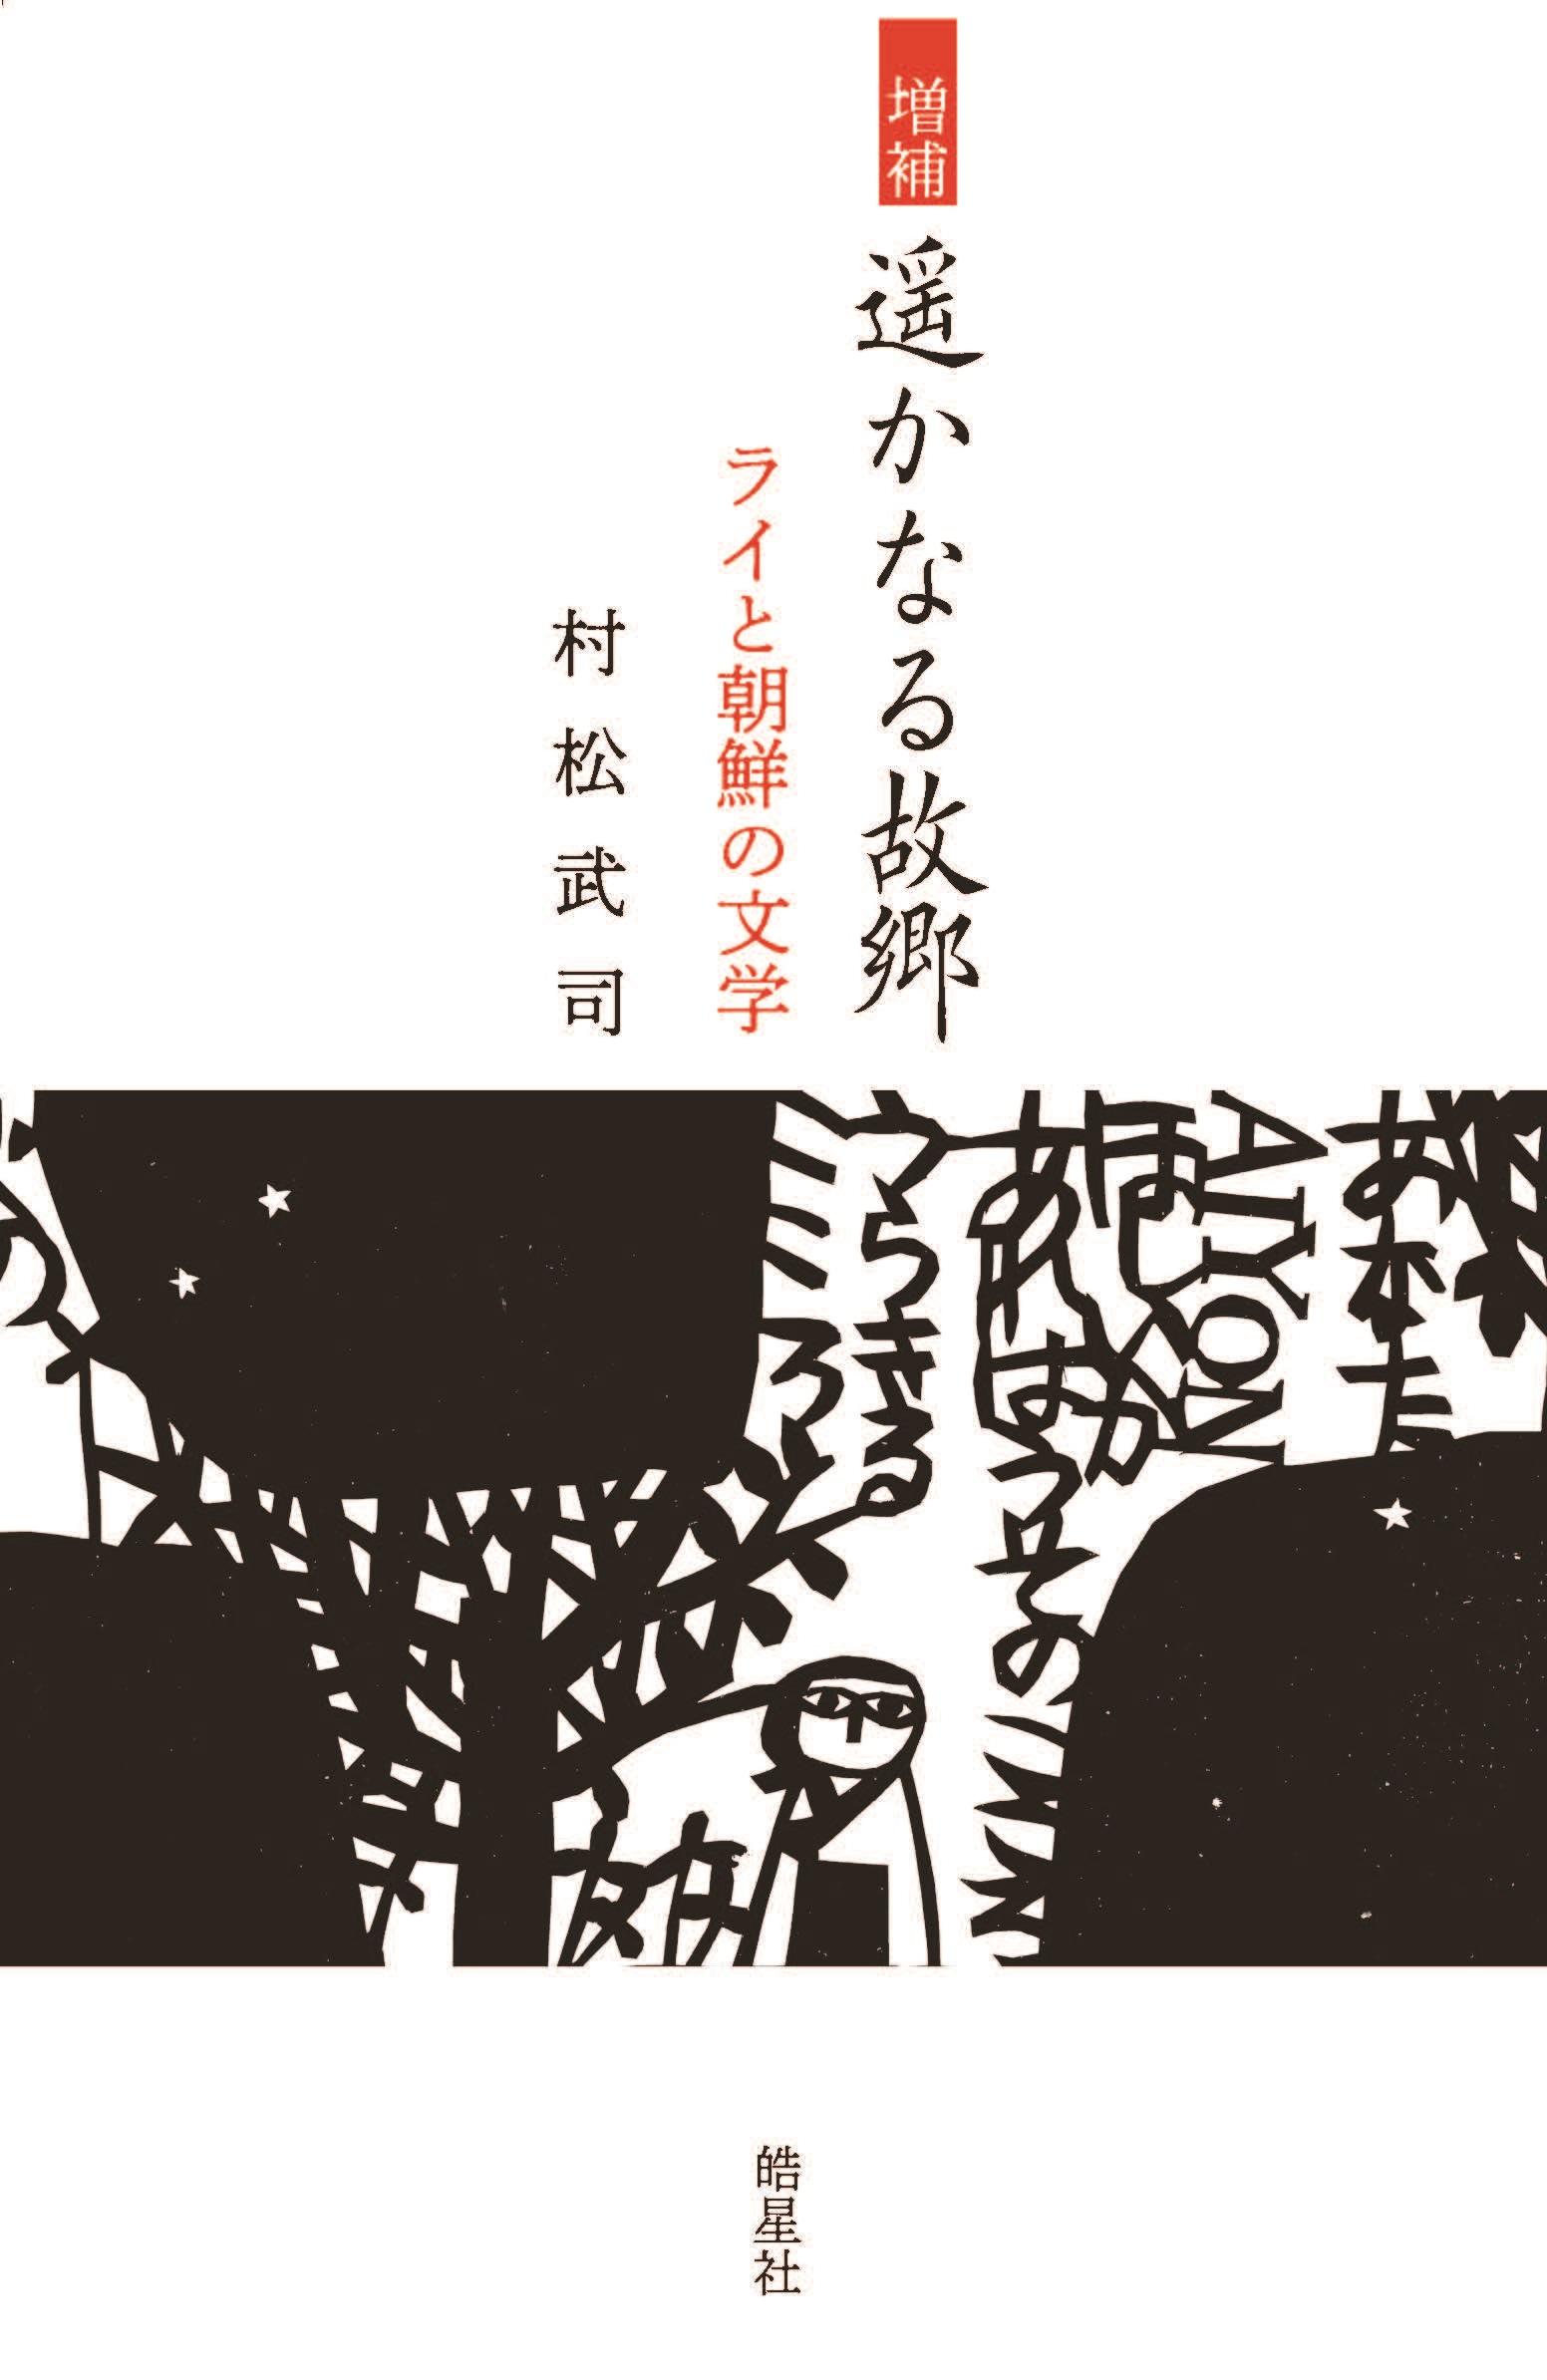 増補 遥かなる故郷 ライと朝鮮の文学 村松武司 皓星社